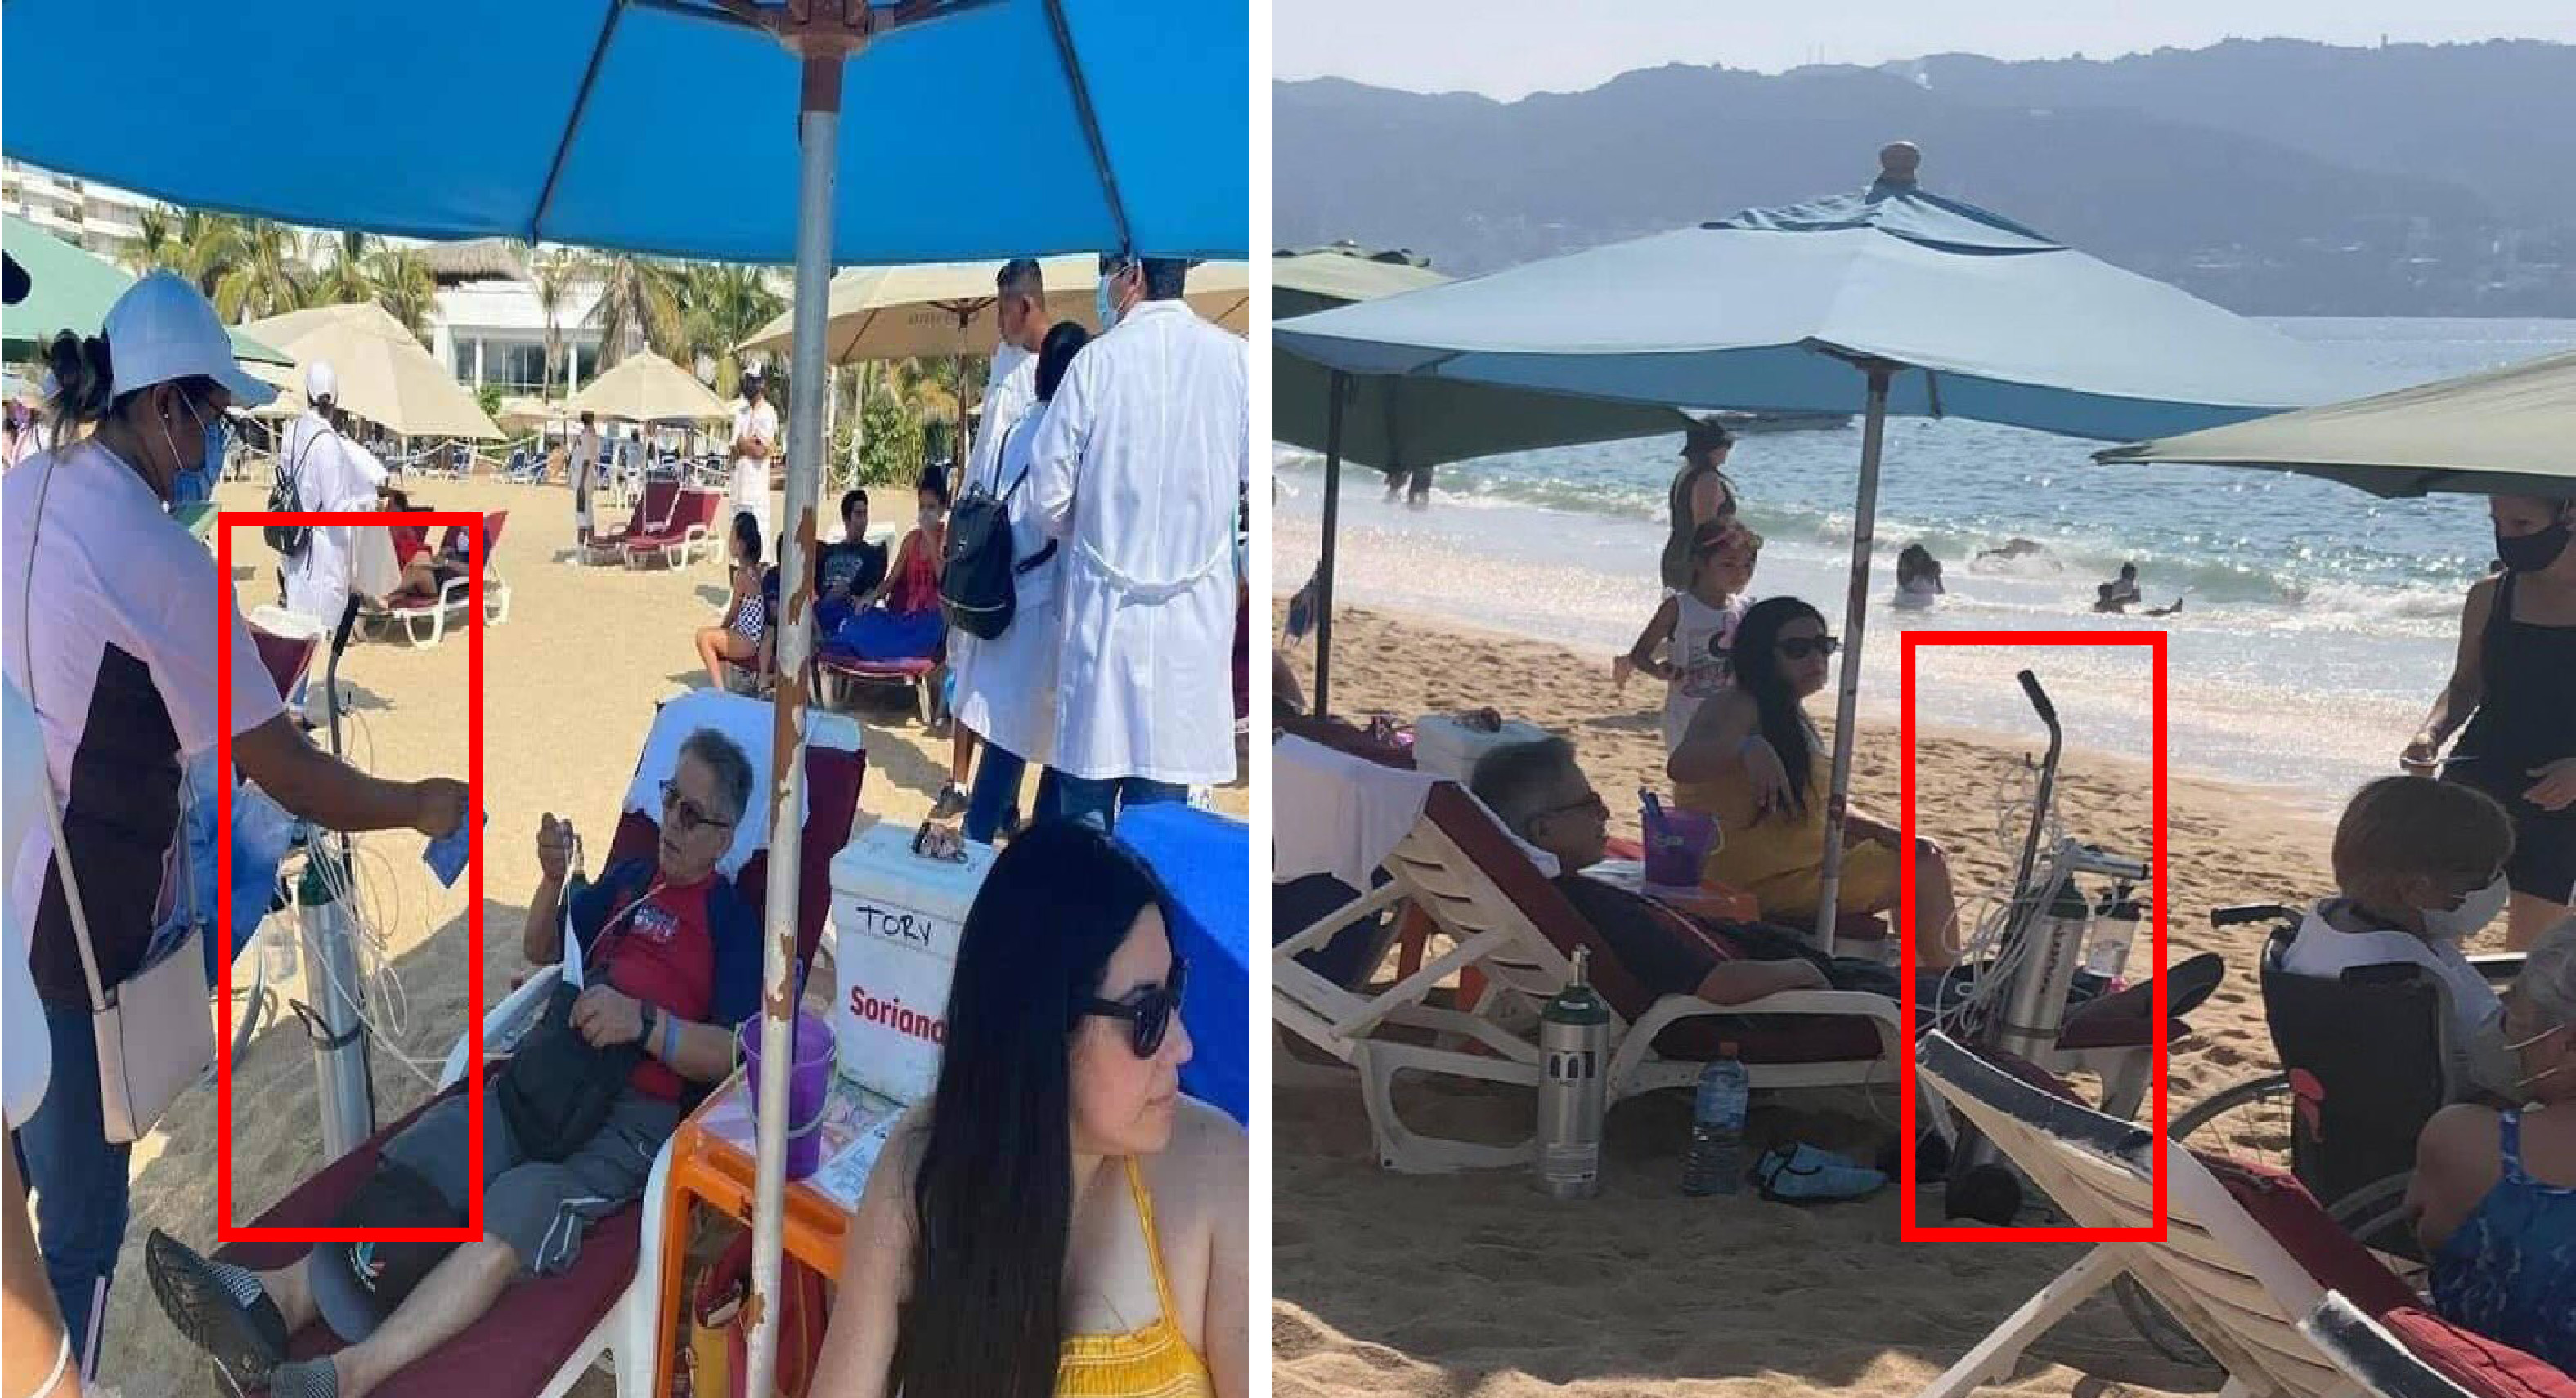 Turista disfruta playas de Acapulco con tanque oxígeno acompañándole3 vacaciones Semana Santa